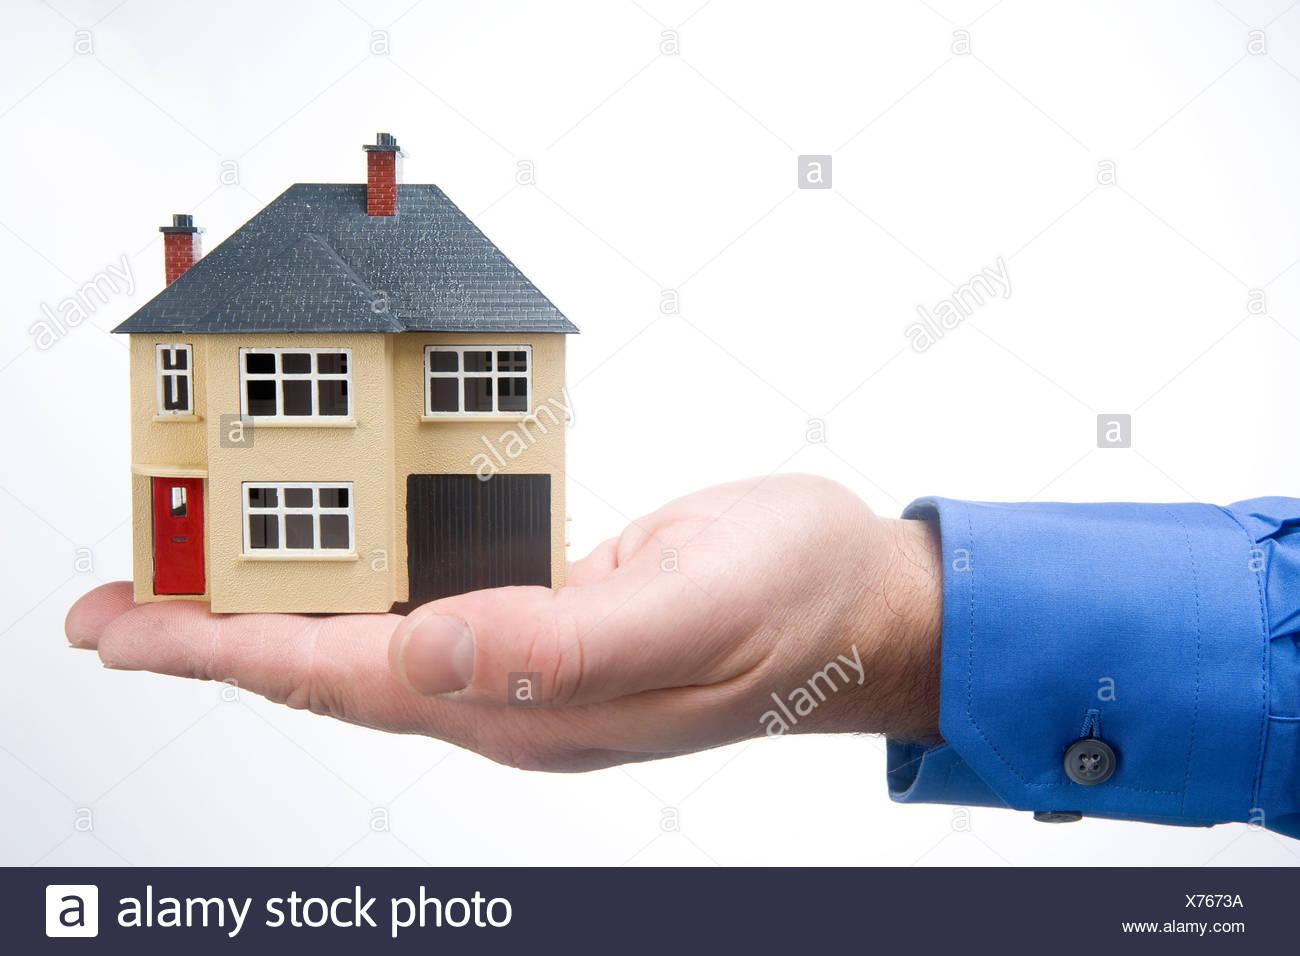 Holding House - Stock Image